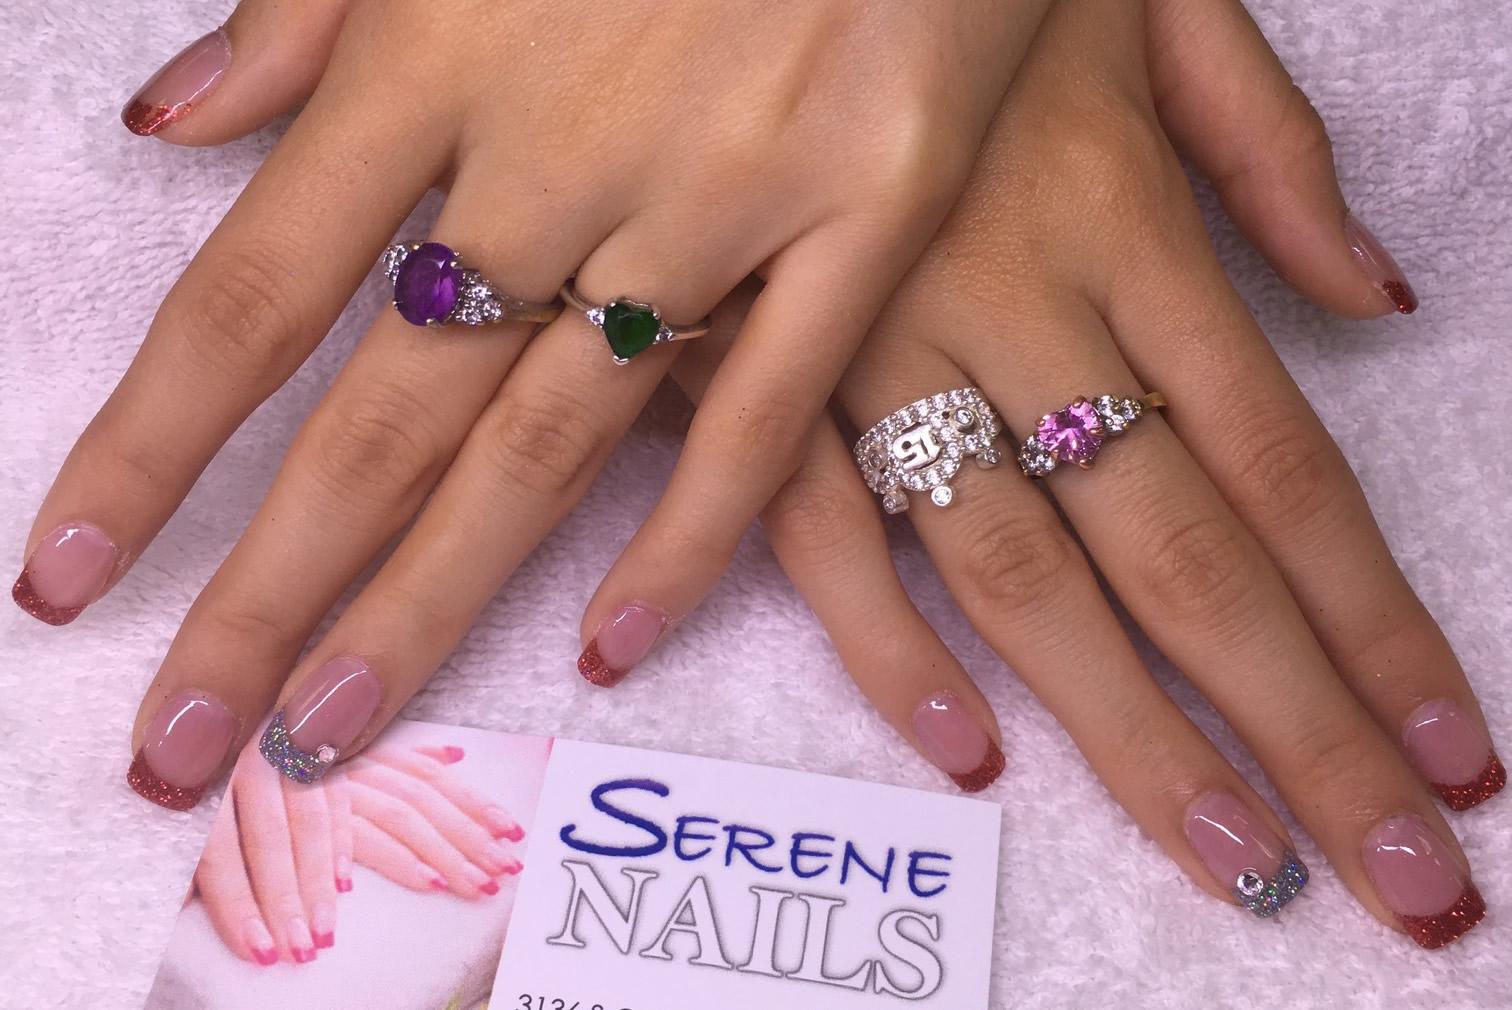 Serene Nails image 84